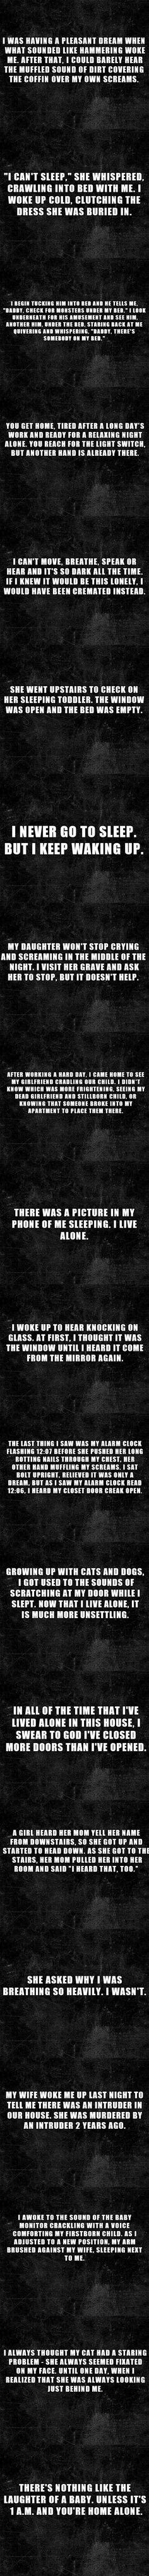 20 terrifying two sentence horror stories